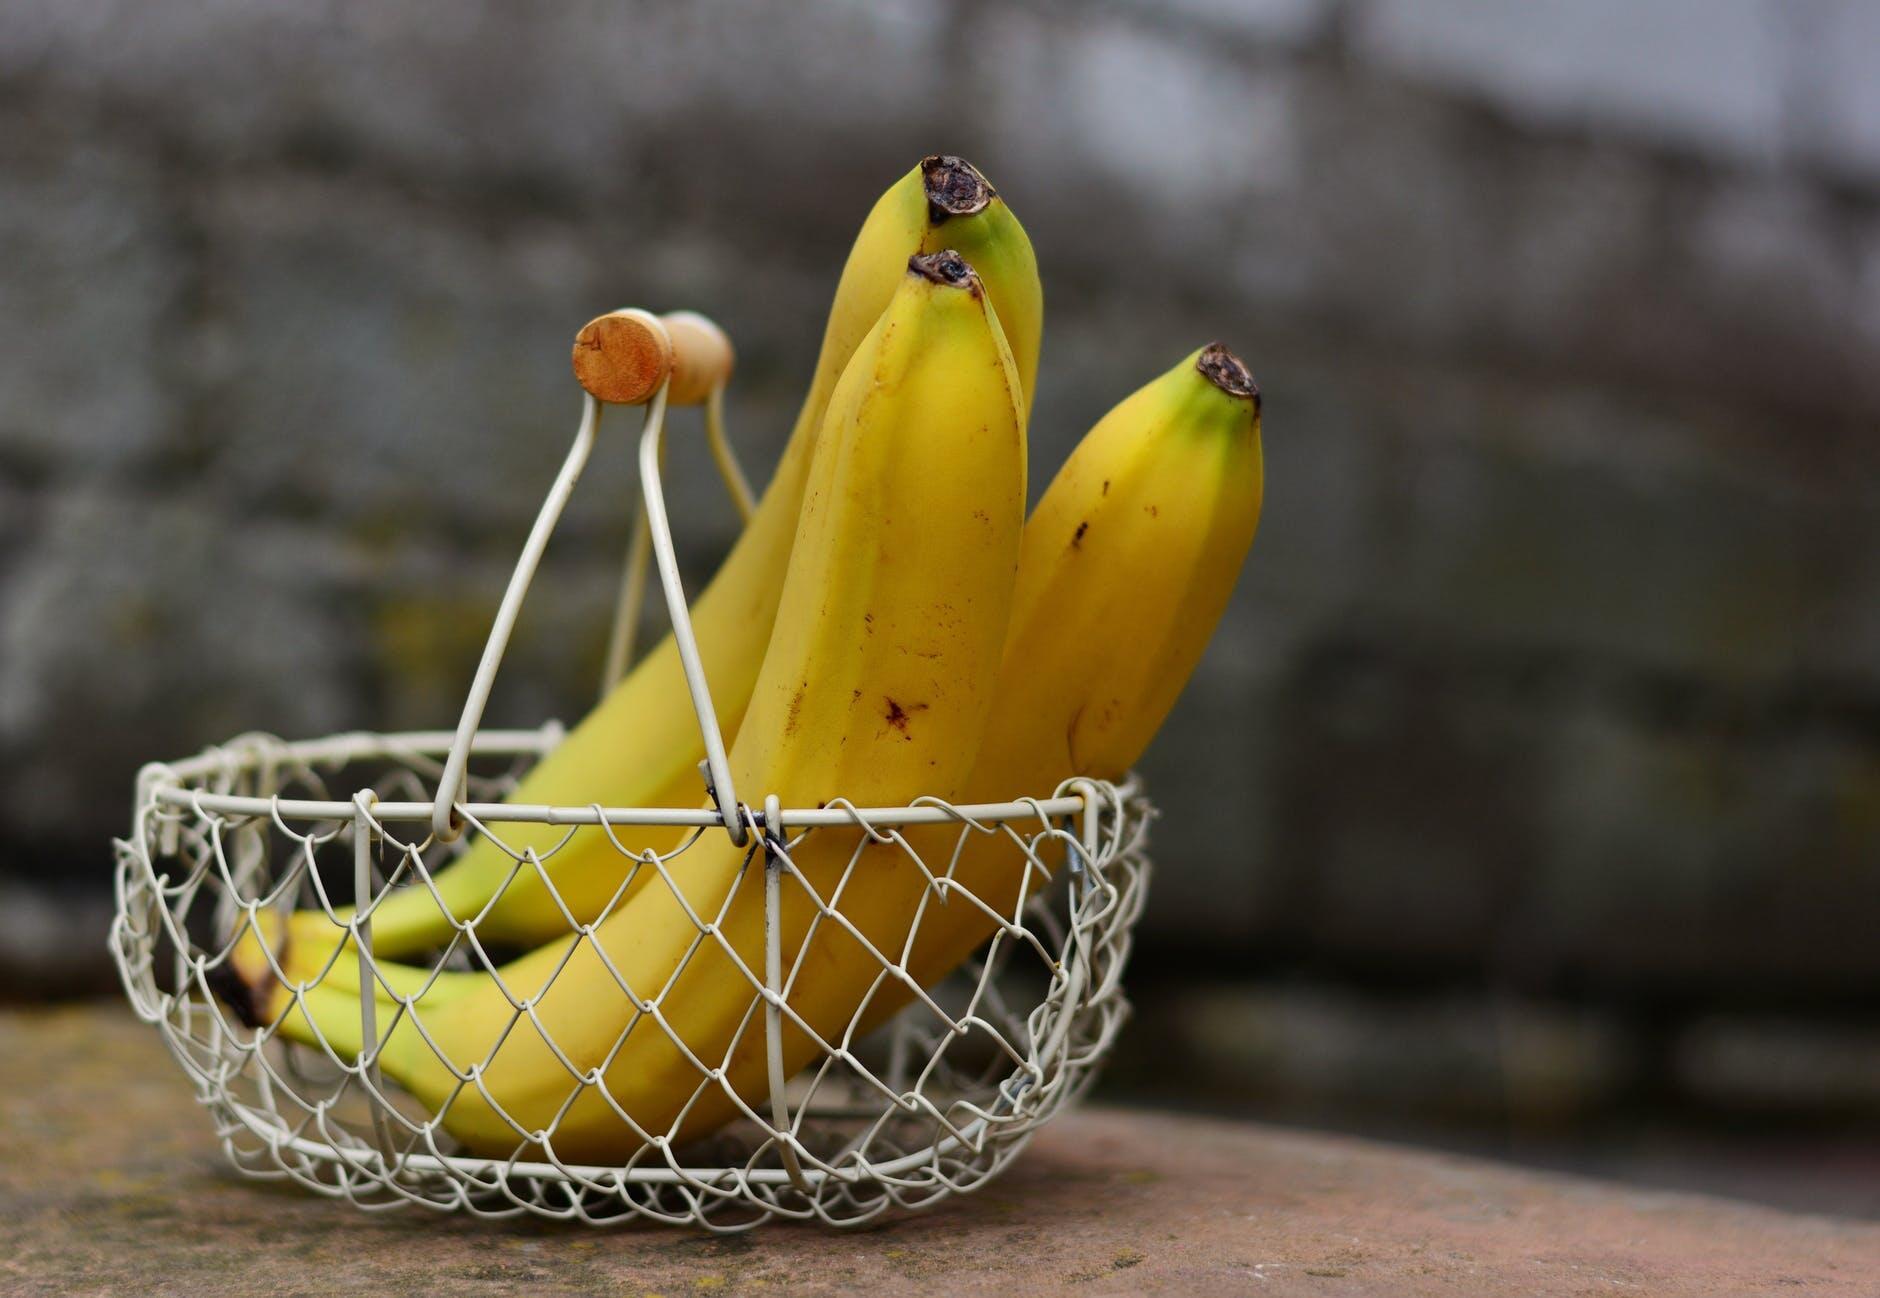 12 Bukti Pisang Sangat Bermanfaat untuk Kesehatan, Ayo Makan Tiap Hari